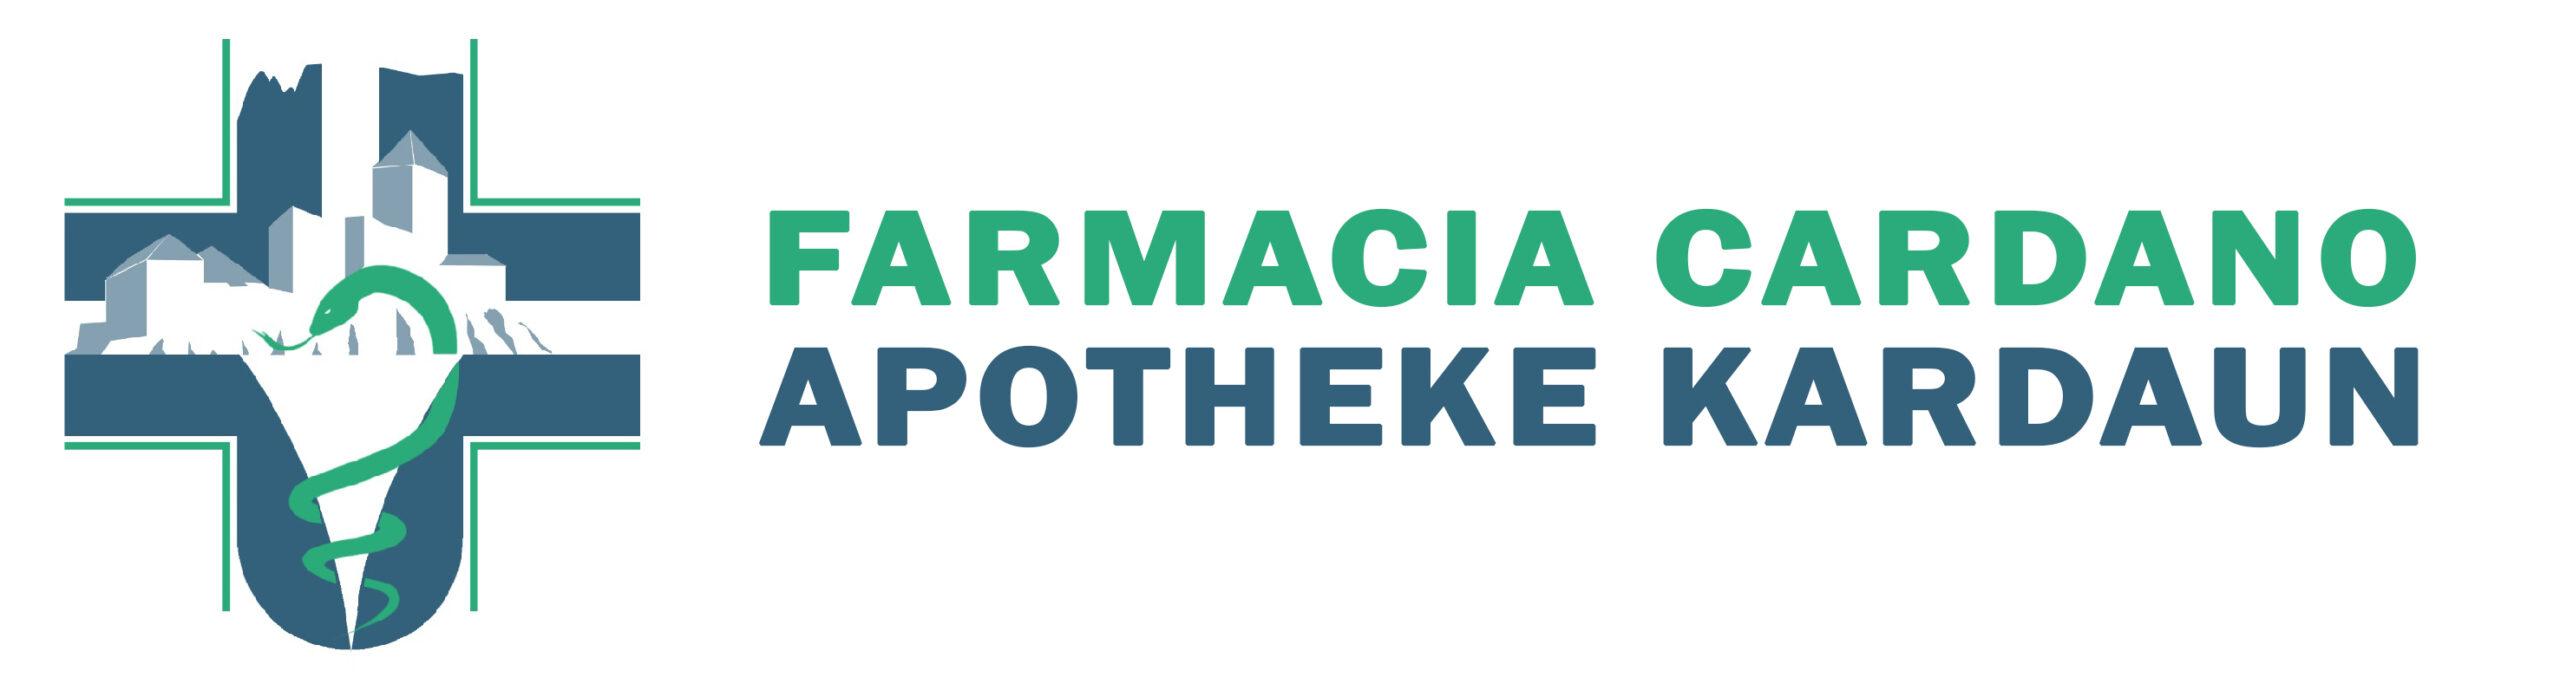 Farmacia Cardano